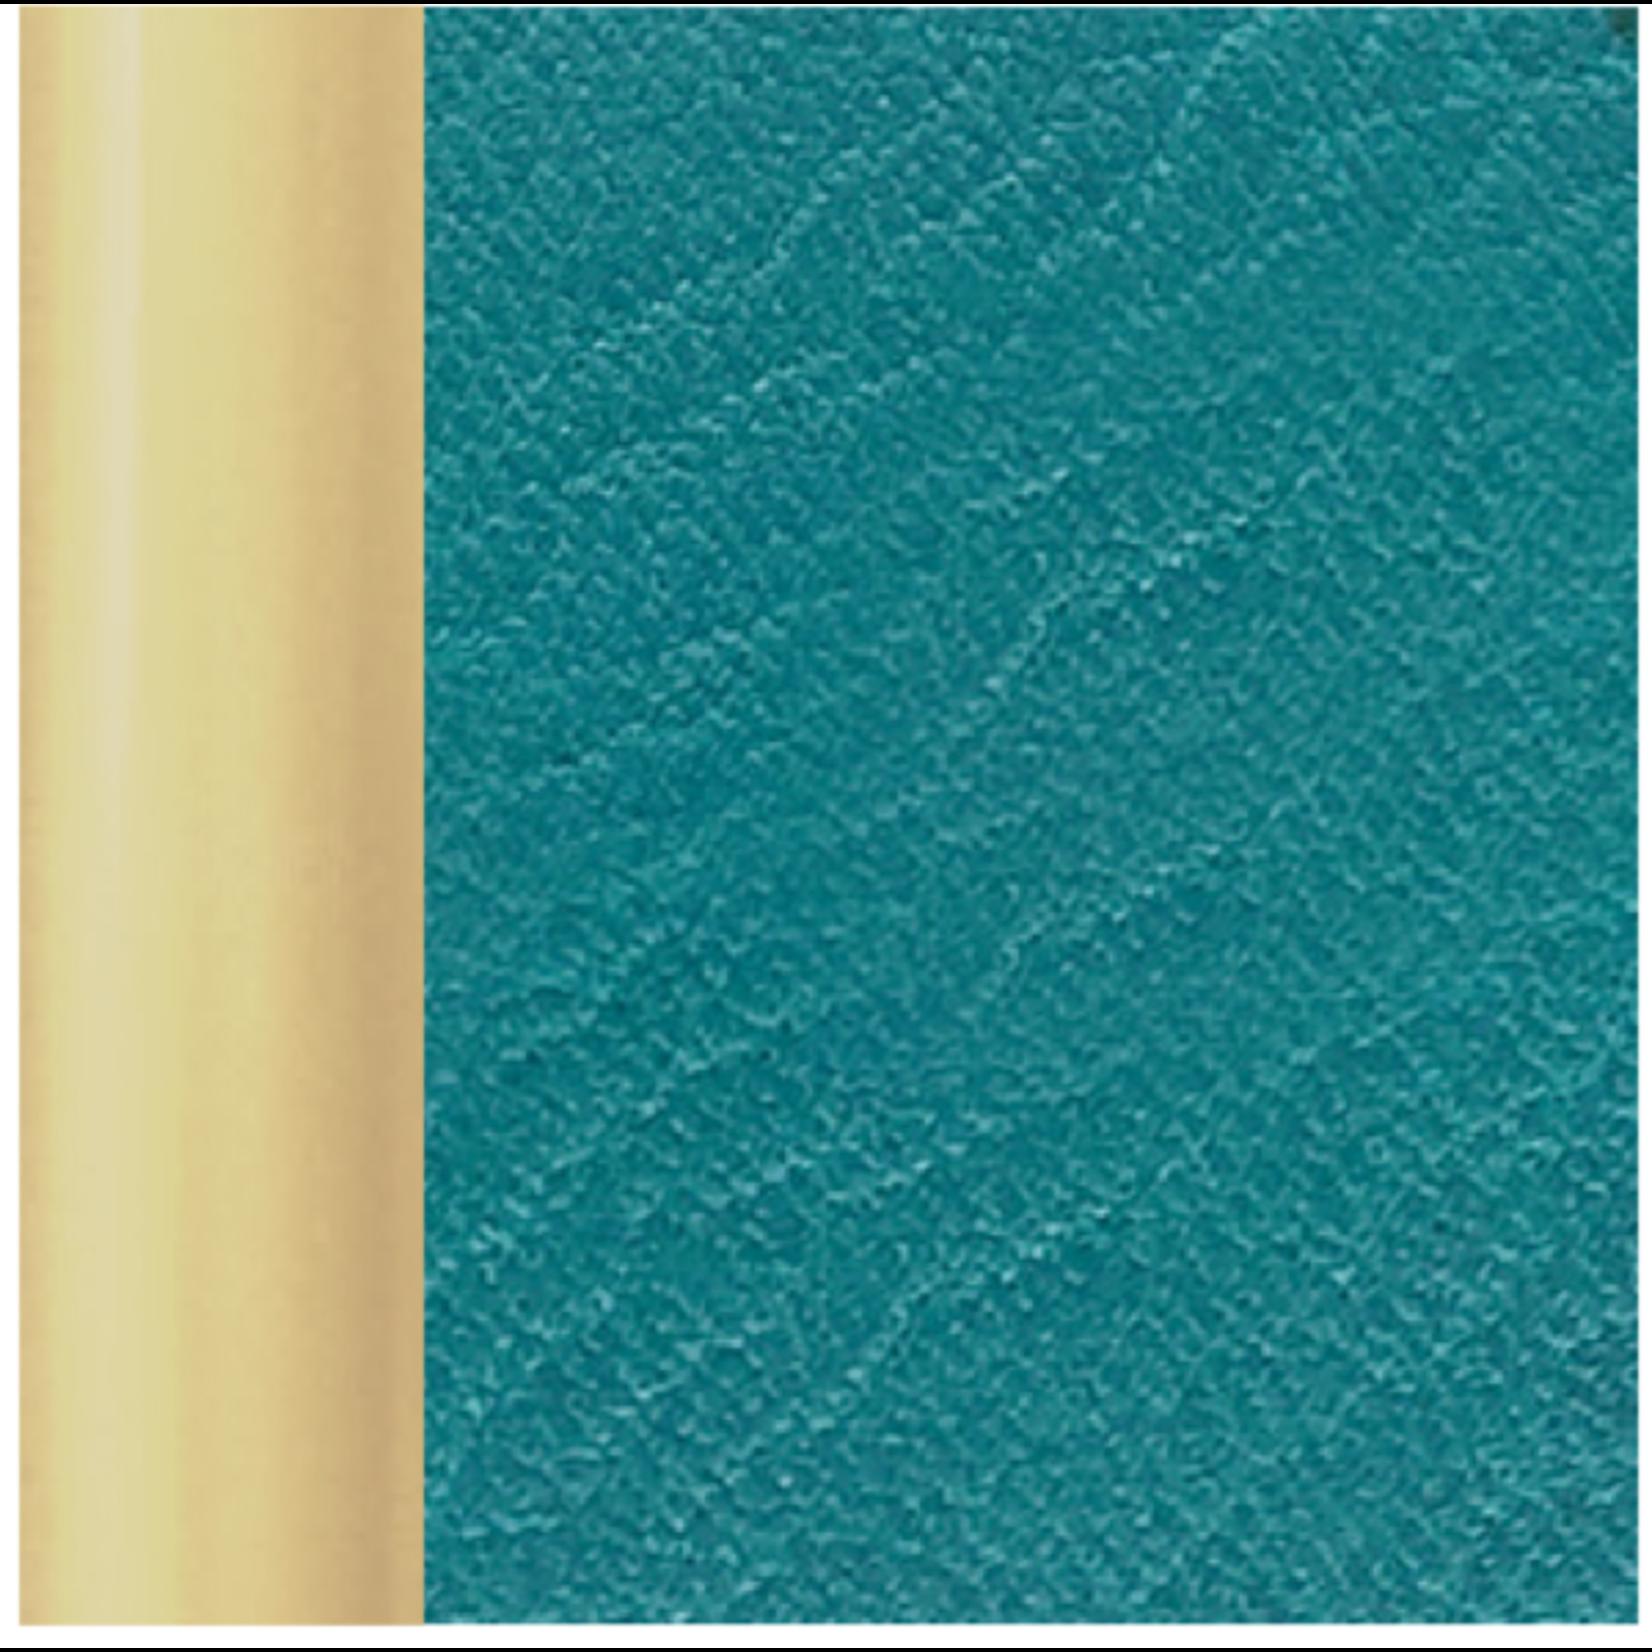 HBN5034 Boardwalk Wallet - Teal